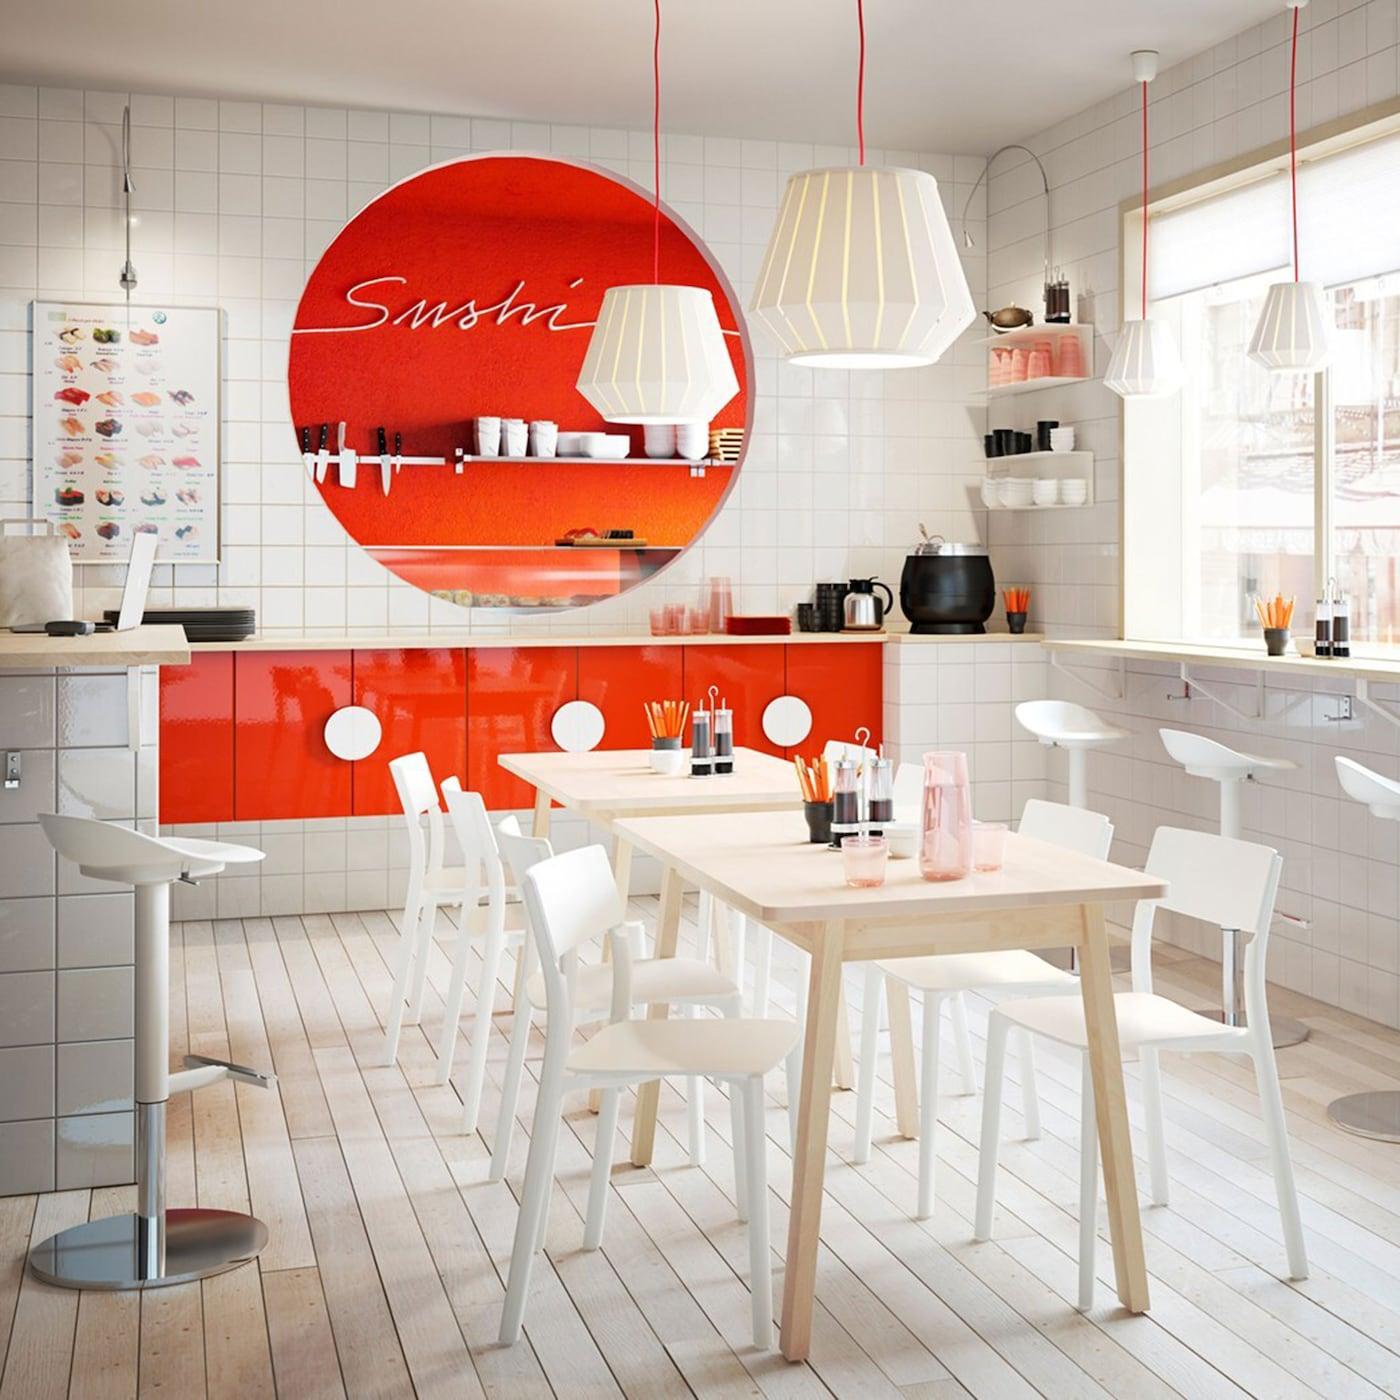 Ein Sushi-Restaurant in weiß und orange mit hohen und niedrigen Sitzmöglichkeiten.